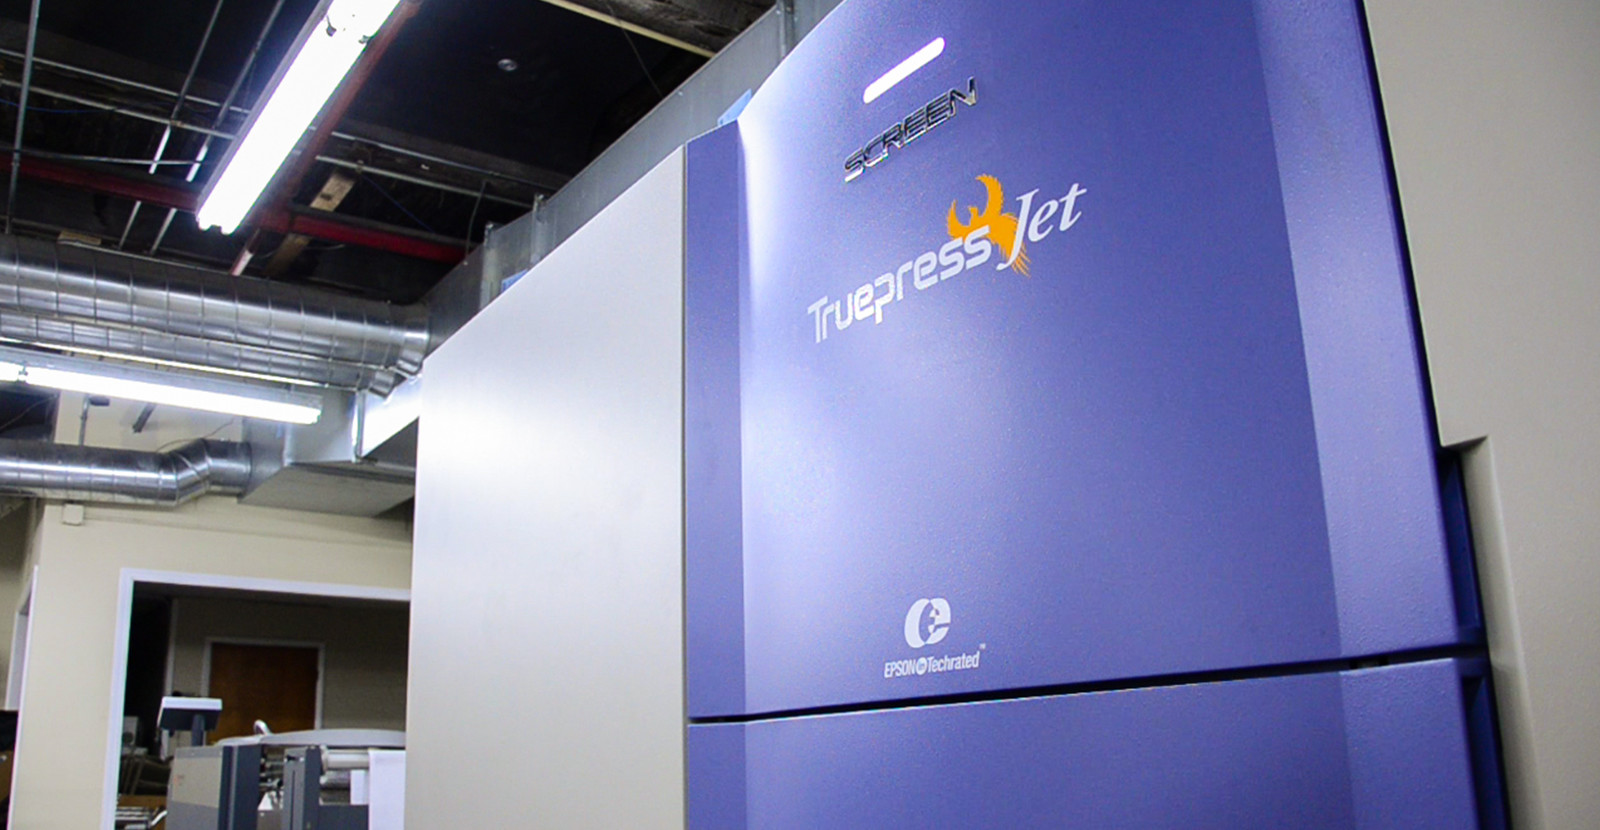 Truepress Jet520 Advanced